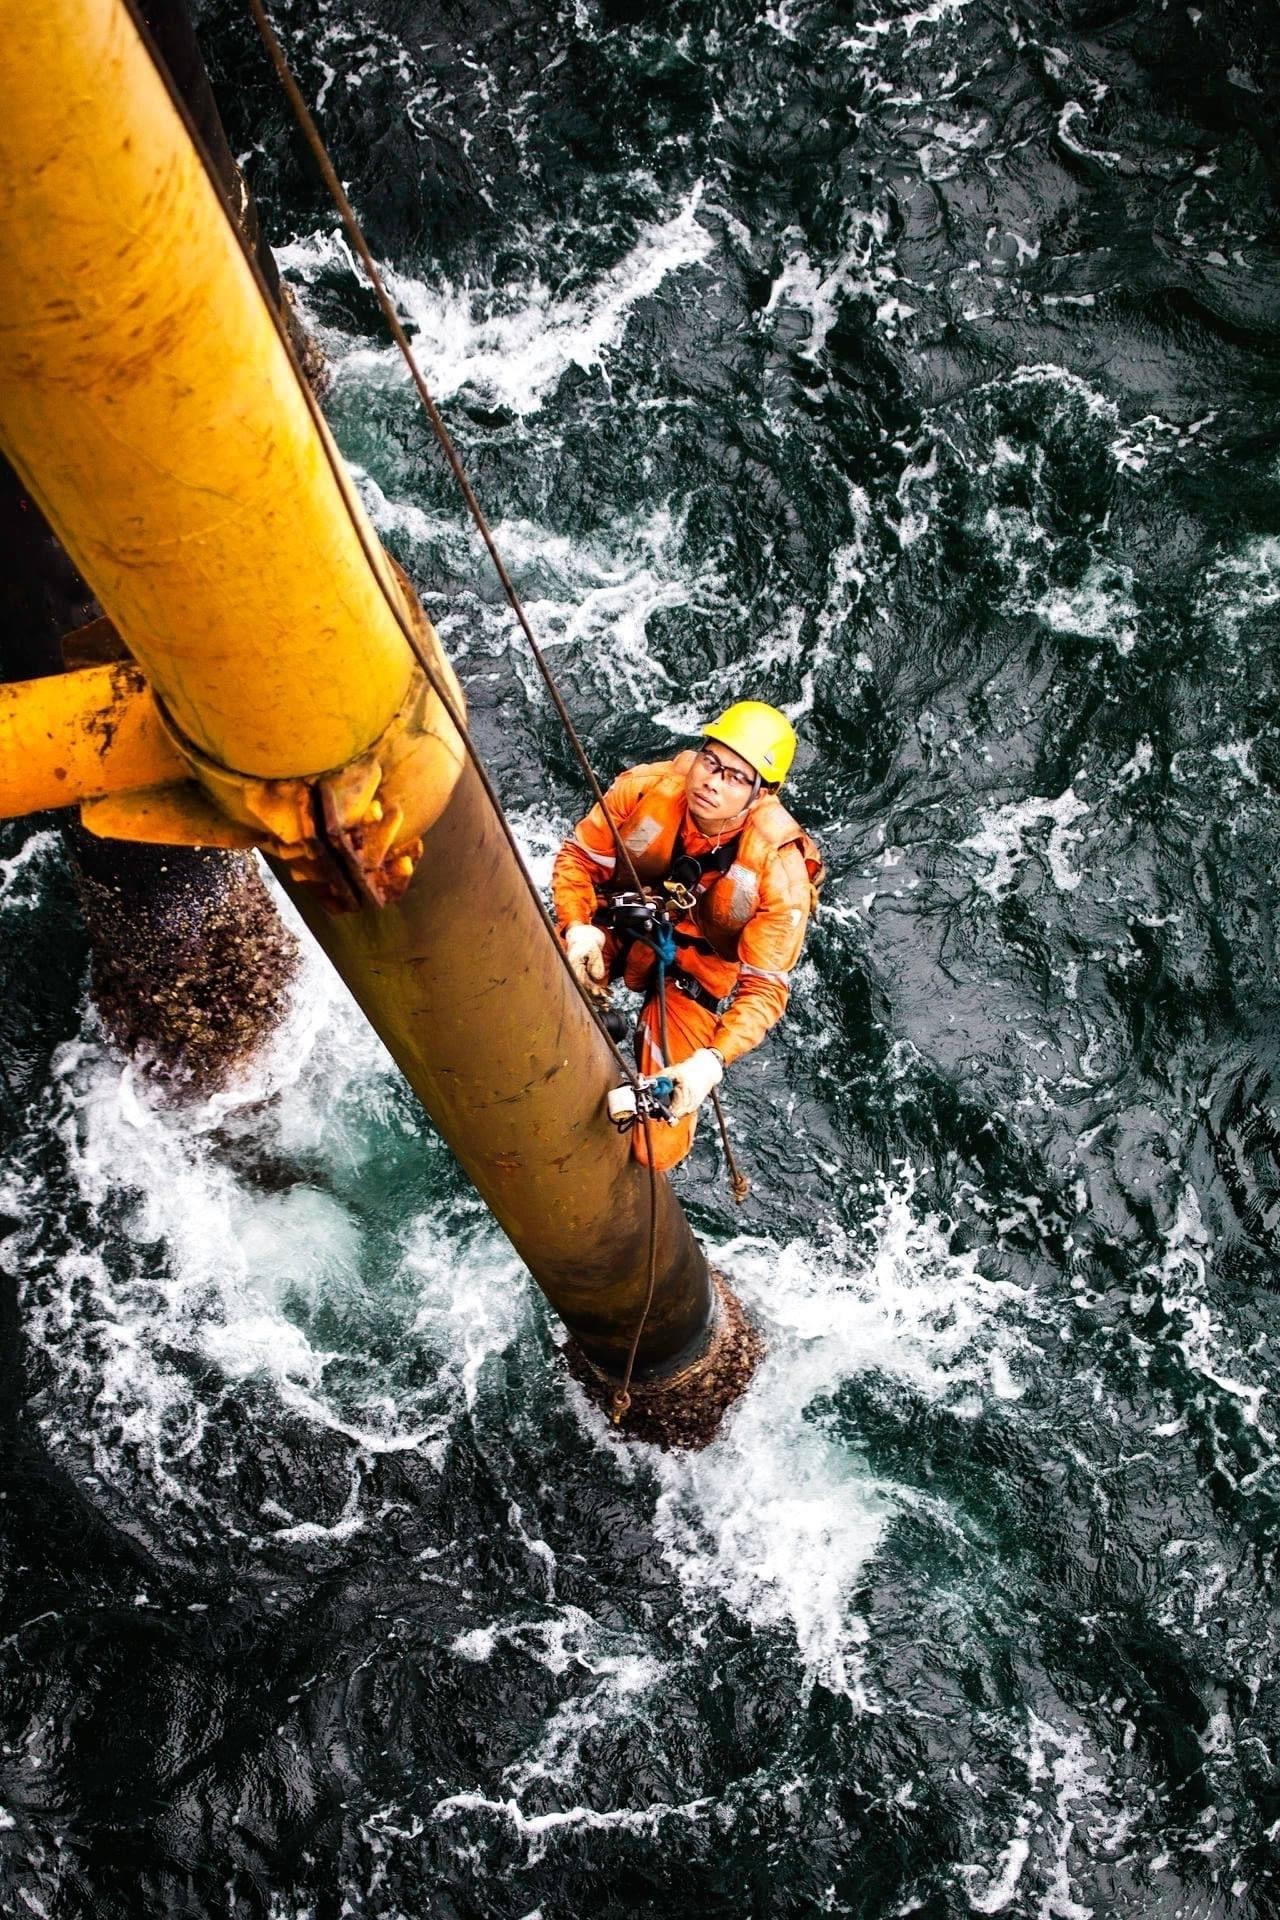 Dự báo giá dầu: Giá dầu tiếp tục tăng